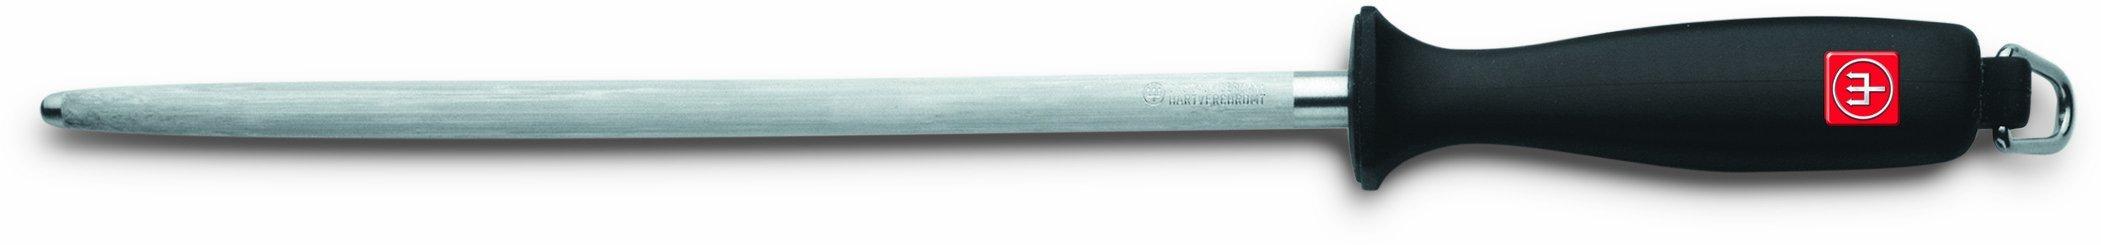 Wüsthof - 10'' Knife Sharpening Steel with Loop by Wüsthof